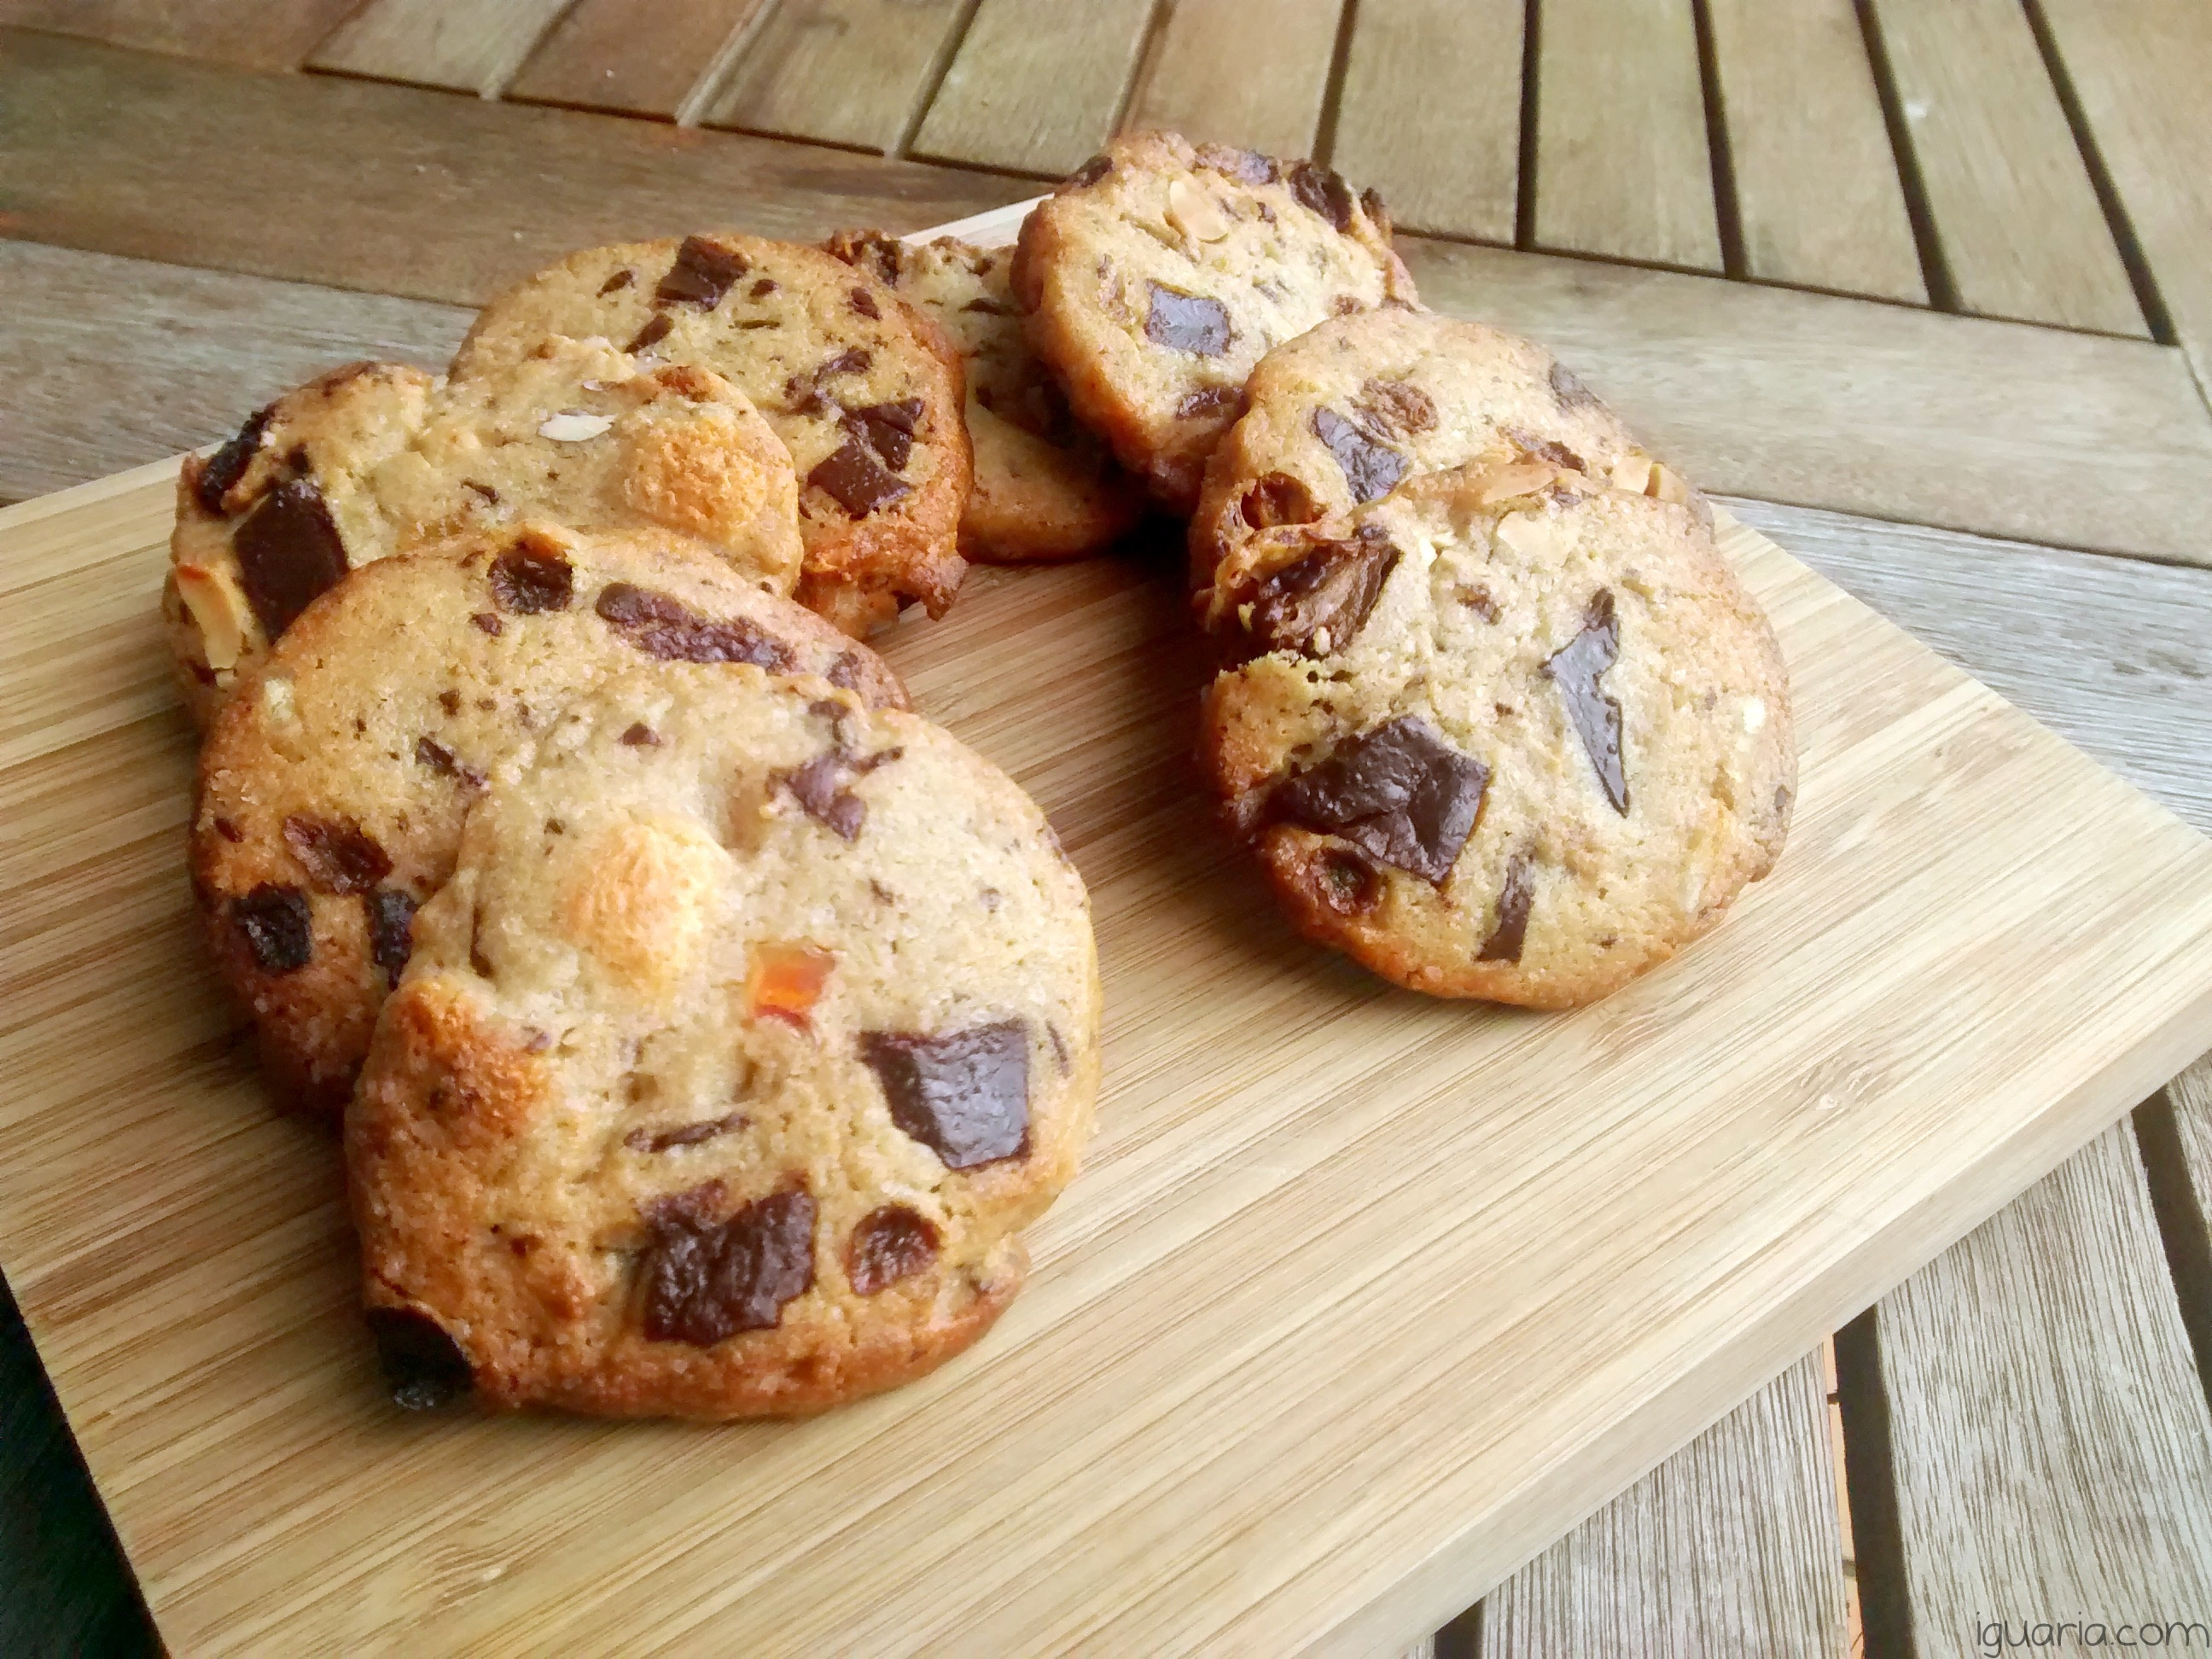 iguaria-cookies-manteiga-de-amendoim